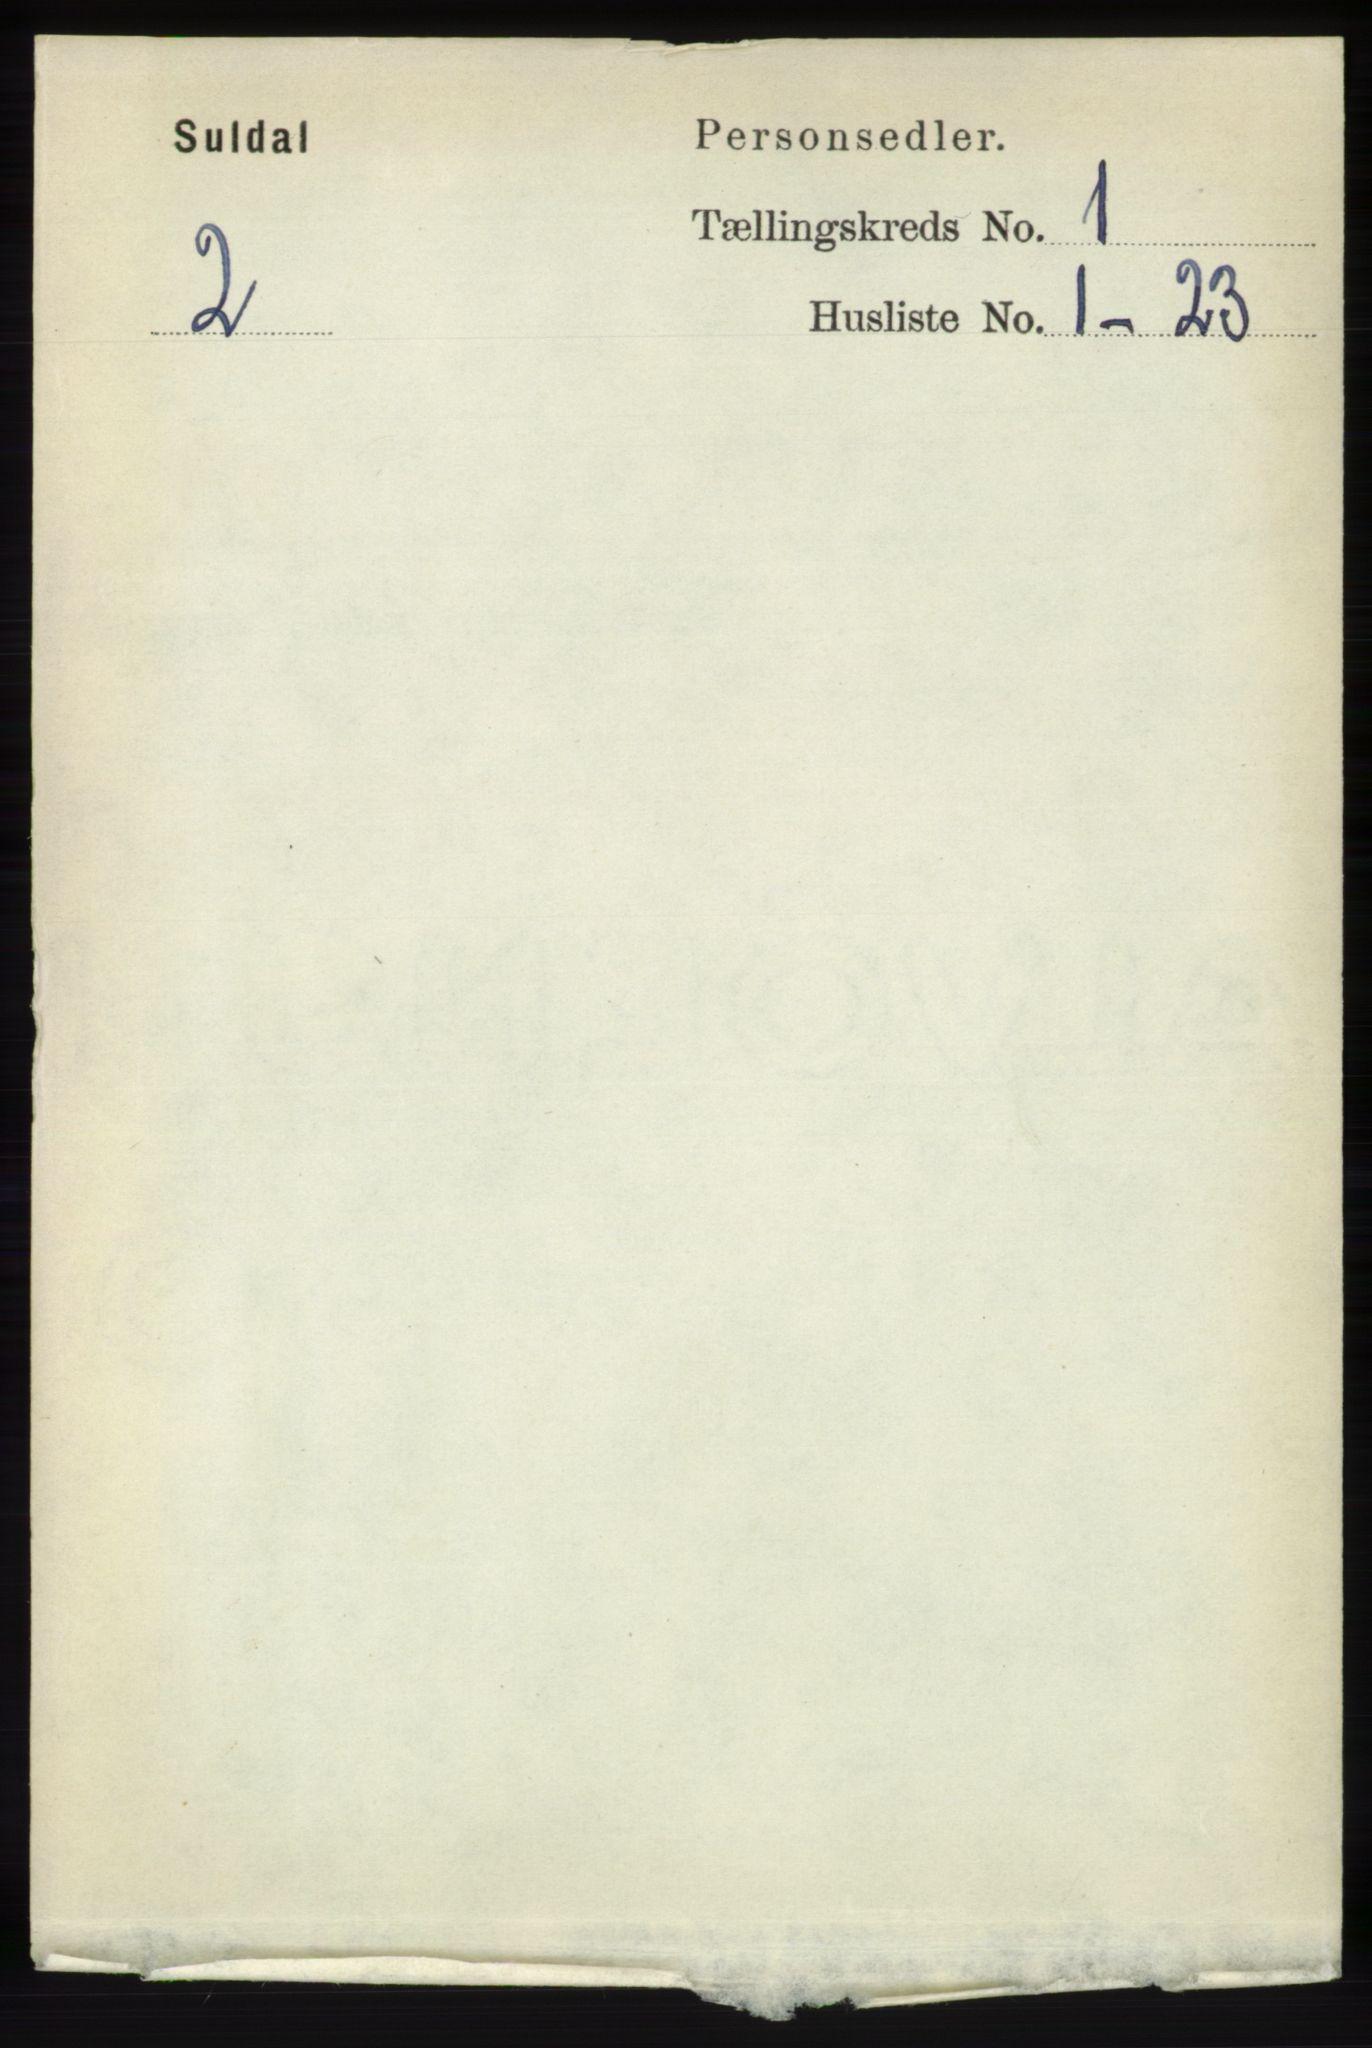 RA, Folketelling 1891 for 1134 Suldal herred, 1891, s. 49